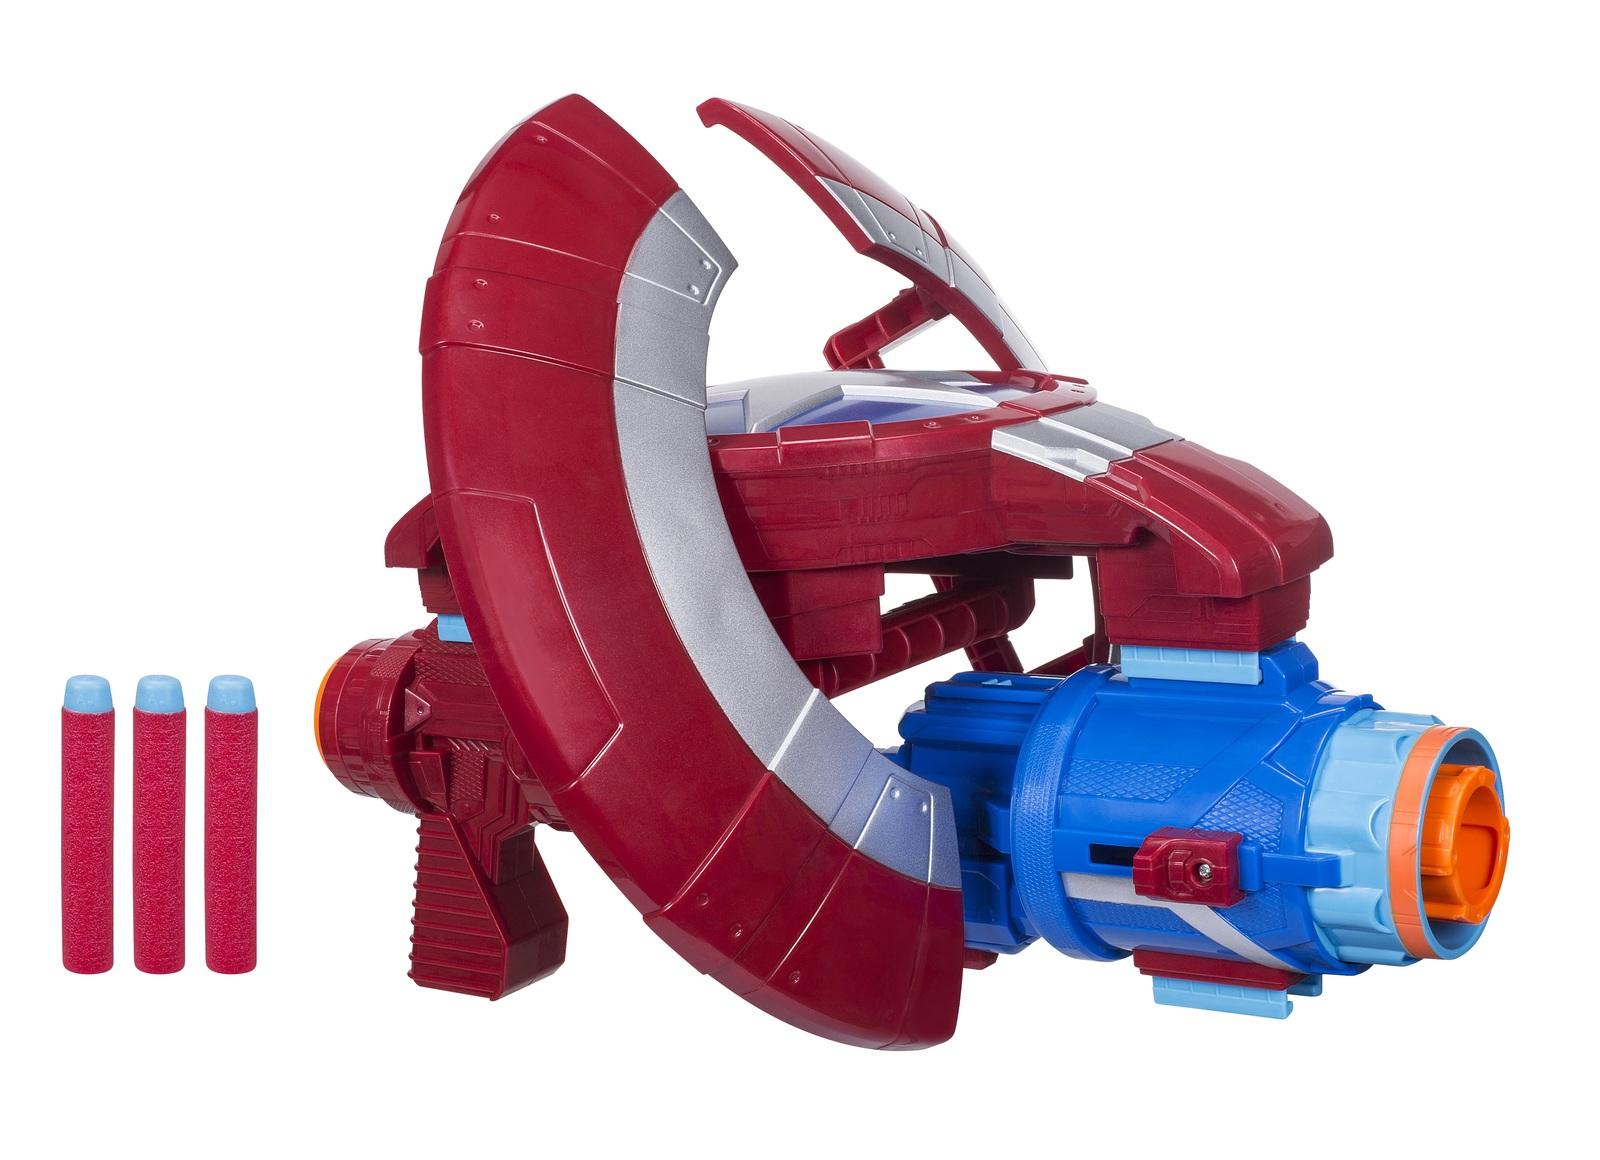 Nerf Avengers: Assembler Gear - Captain America Blaster image